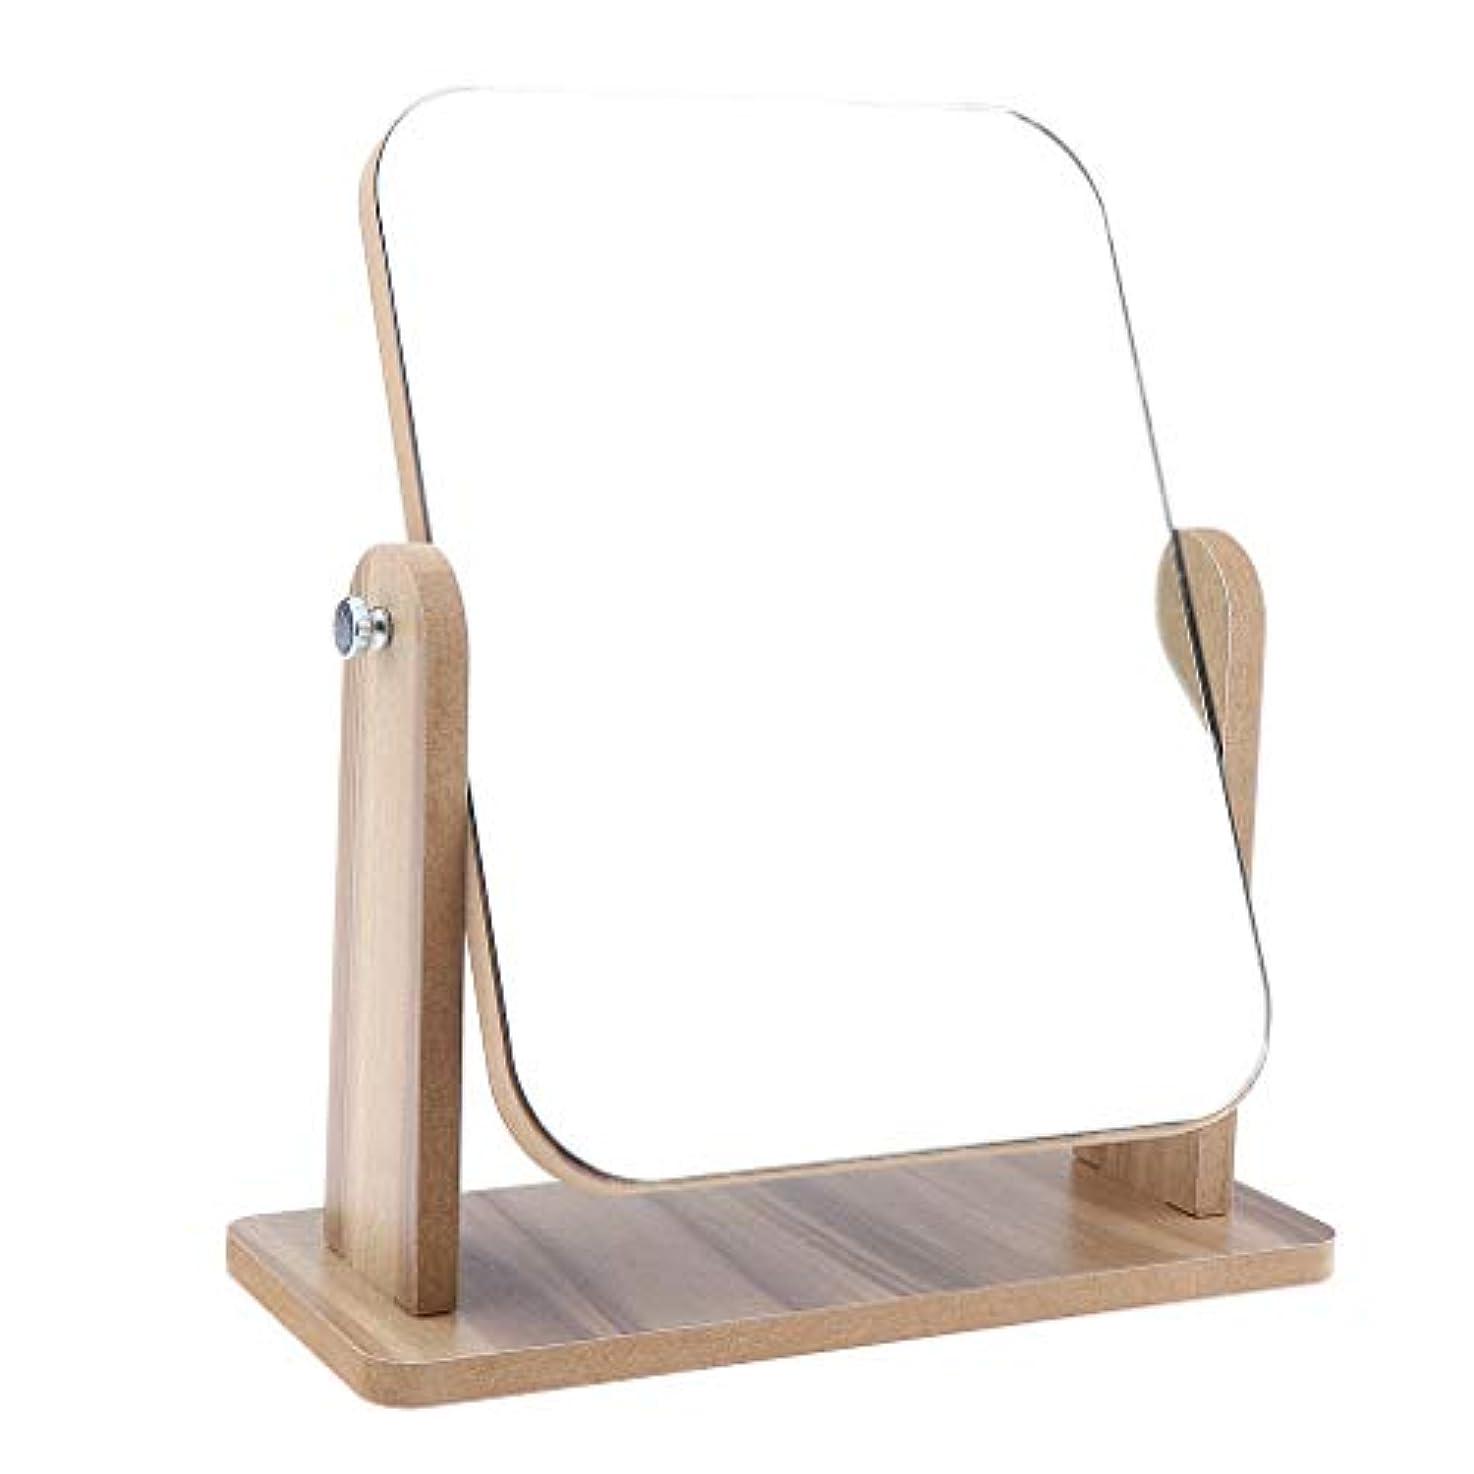 半径マイル発明B Blesiya メイクアップミラー 化粧鏡 レトロ 卓上ミラー 木製ベース 旅行 2サイズ選べ - 22x17 cm